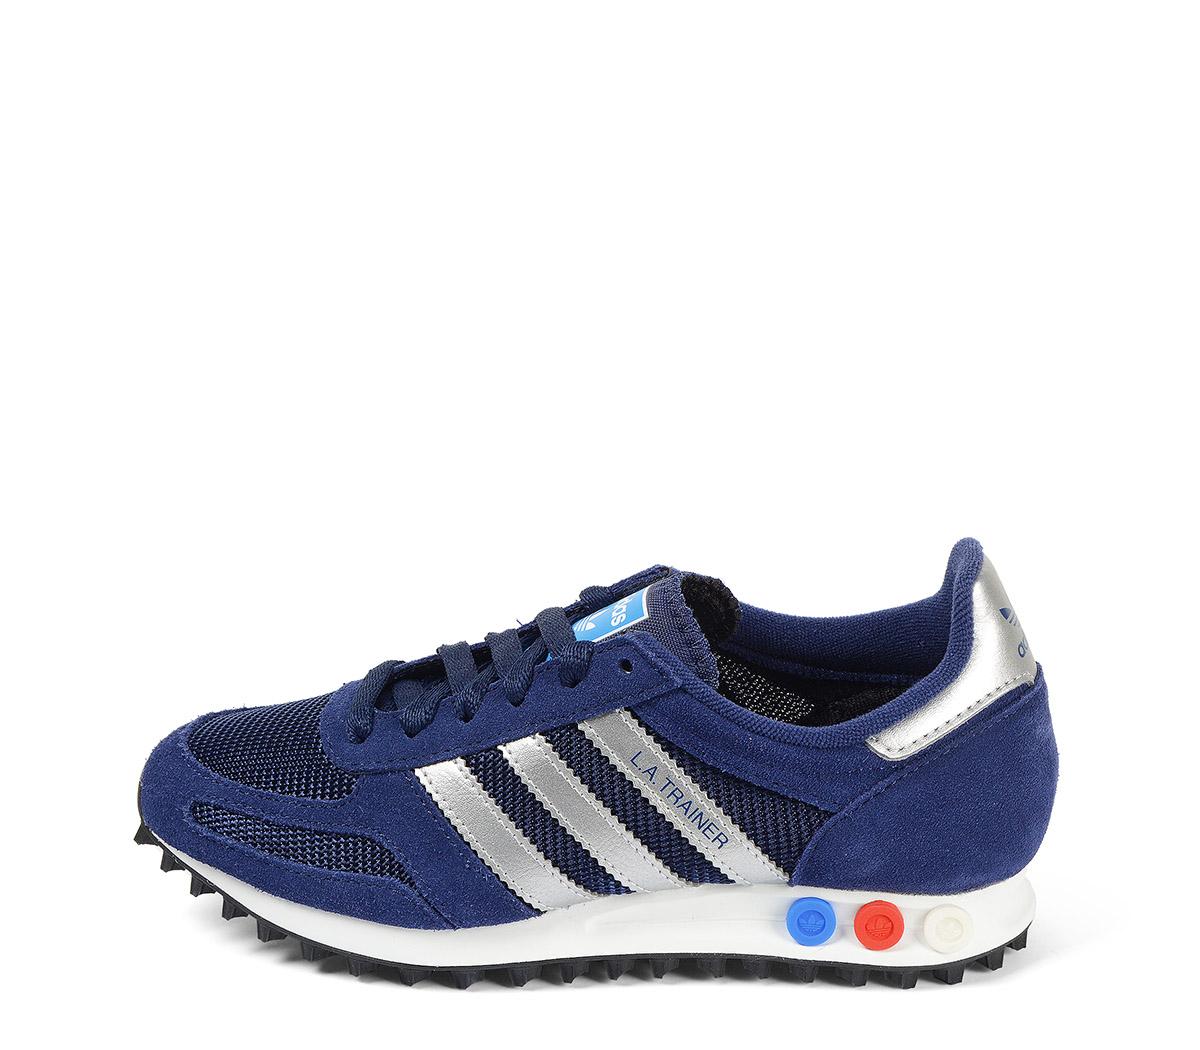 Ref: 3809 Adidas L.A Trainer serraje azul con detalles en piel plata. Botones tricolor en la suela. Cordones azules.